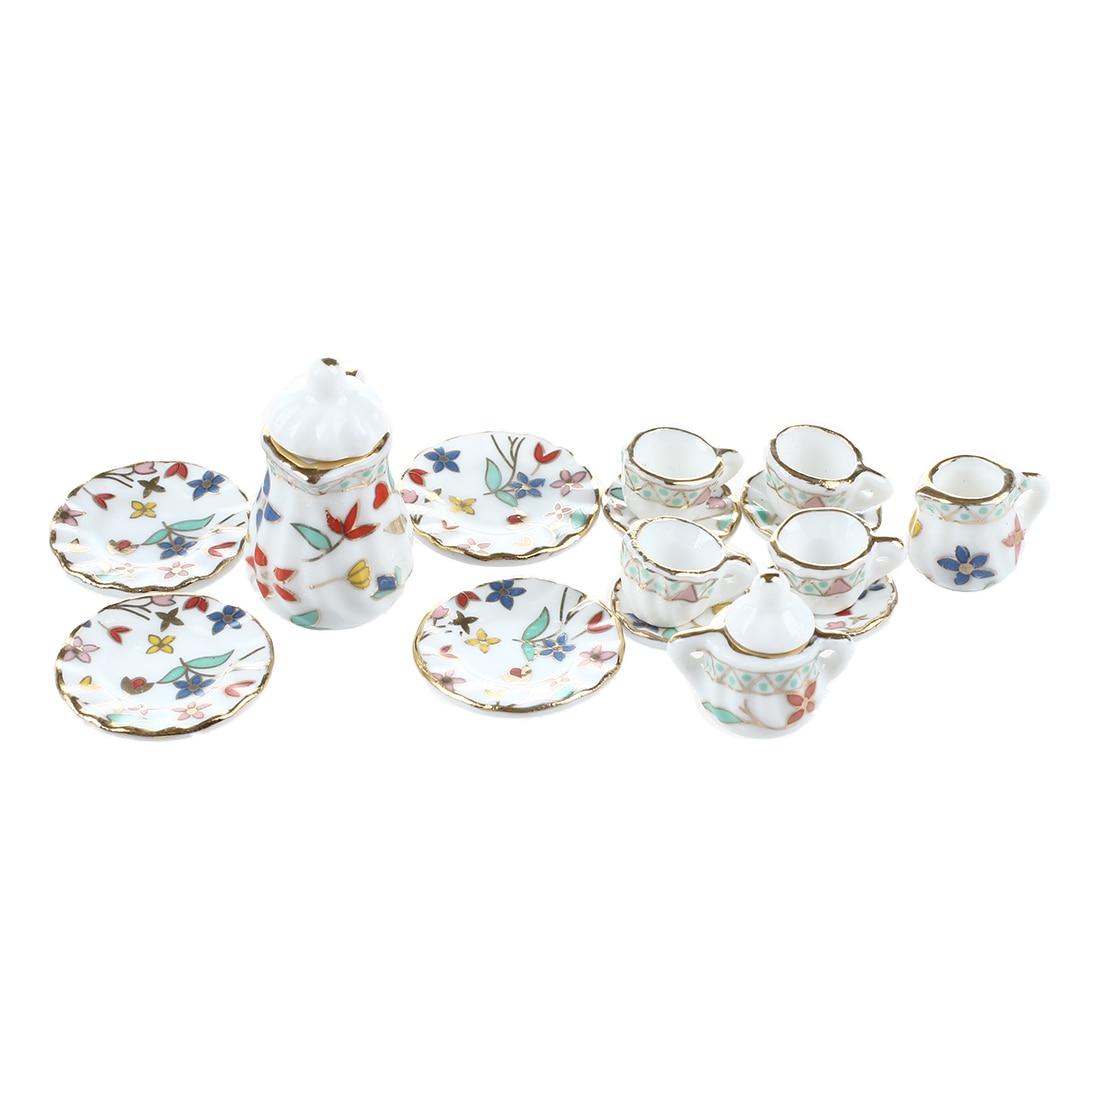 15 Piece Miniature Kitchen Dollhouse dinnerware porcelain kids tea set toy Cup plate Colorful floral print kids floral print pants